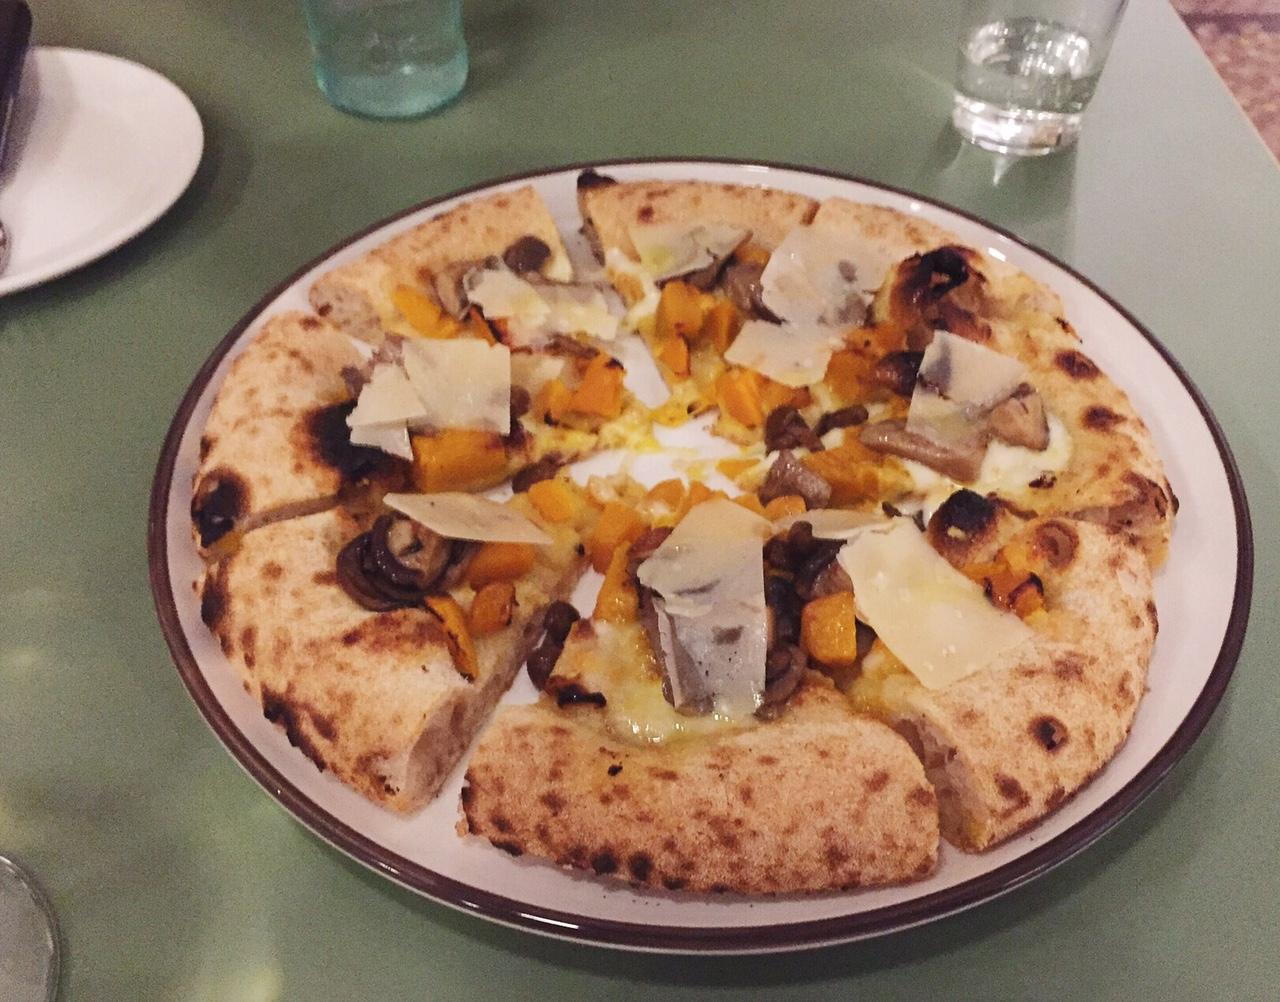 Berbere pizzeria in Milan pumpkin, mushrooms, and parmesan